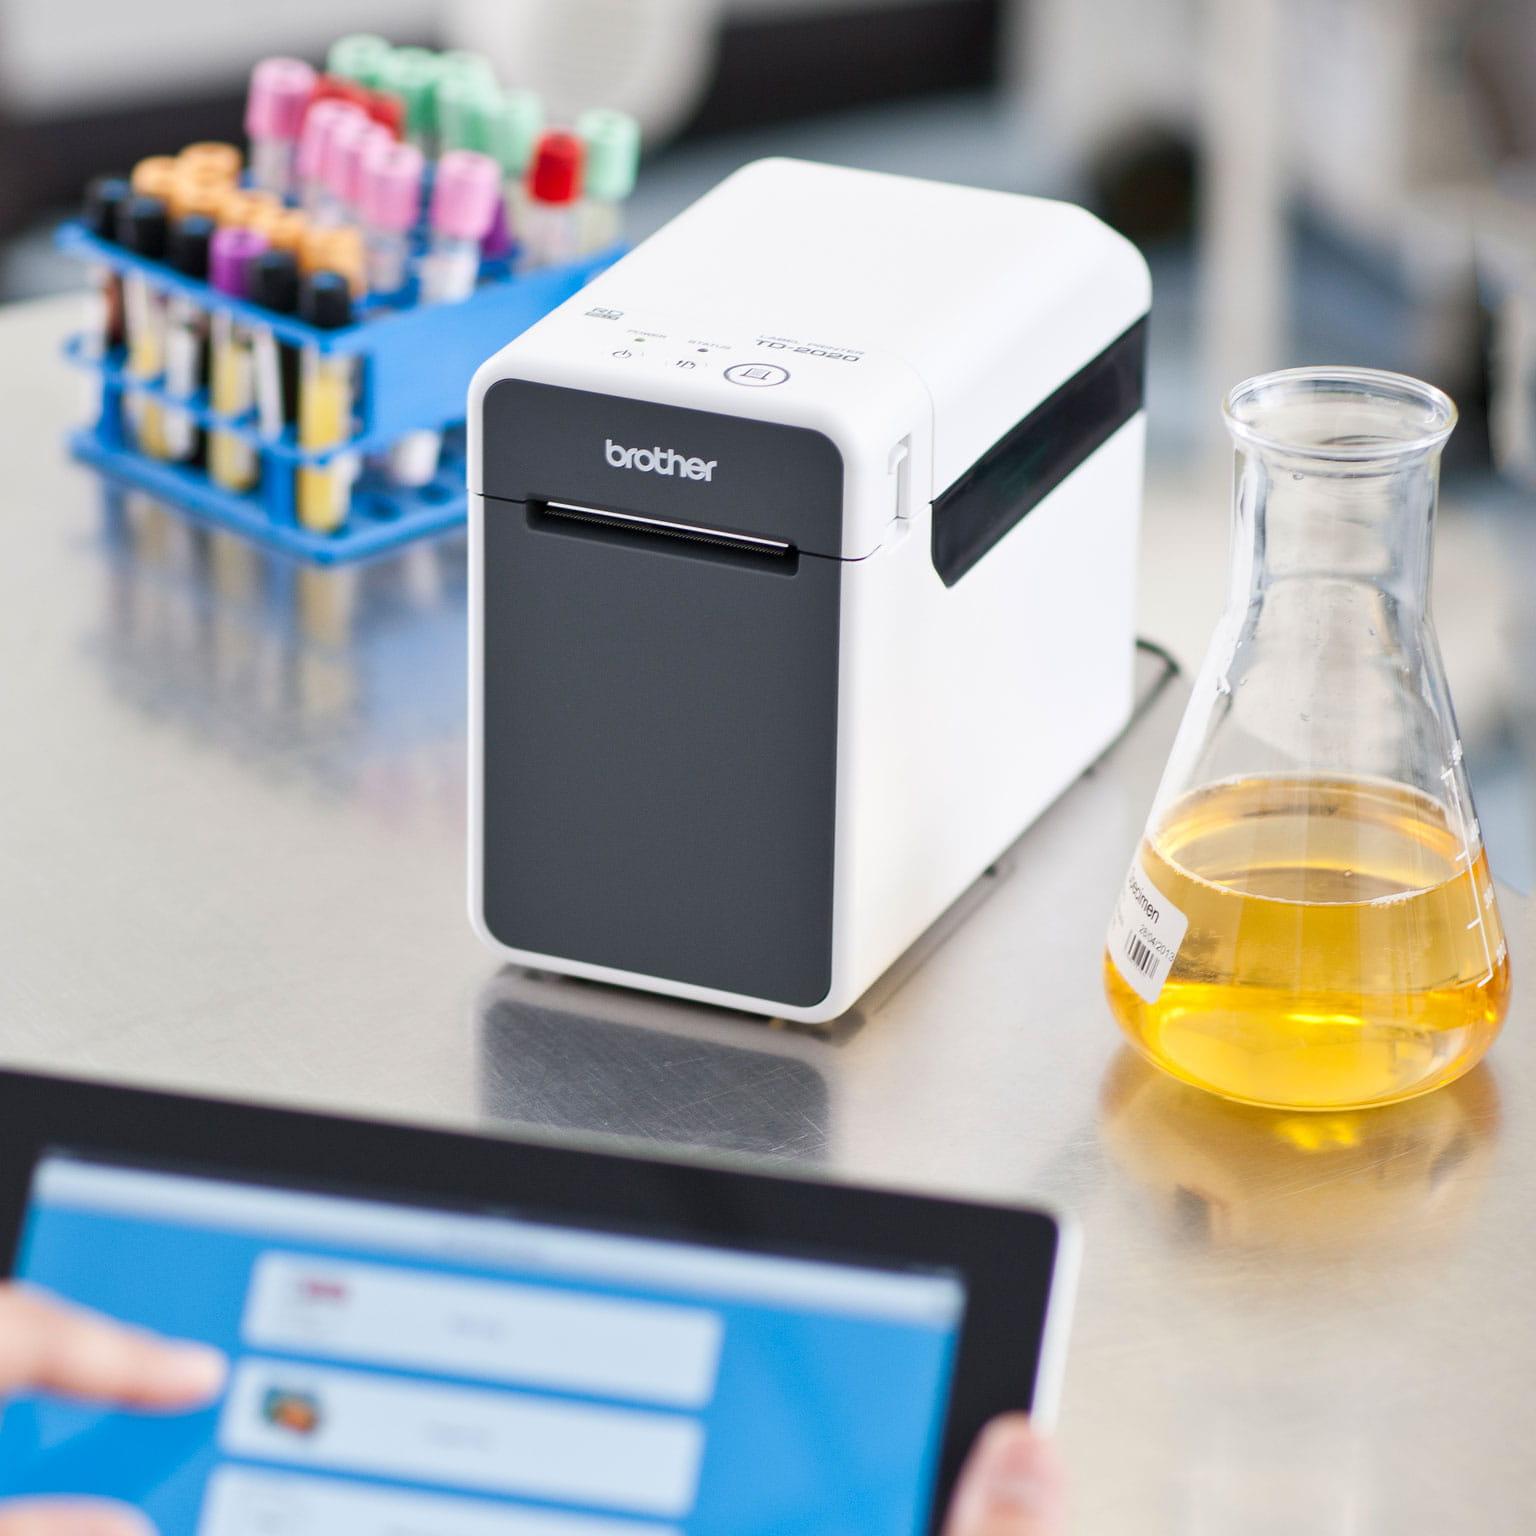 Lekarz drukuje etykiety testowe do probówek przy użyciu drukarki firmy Brother